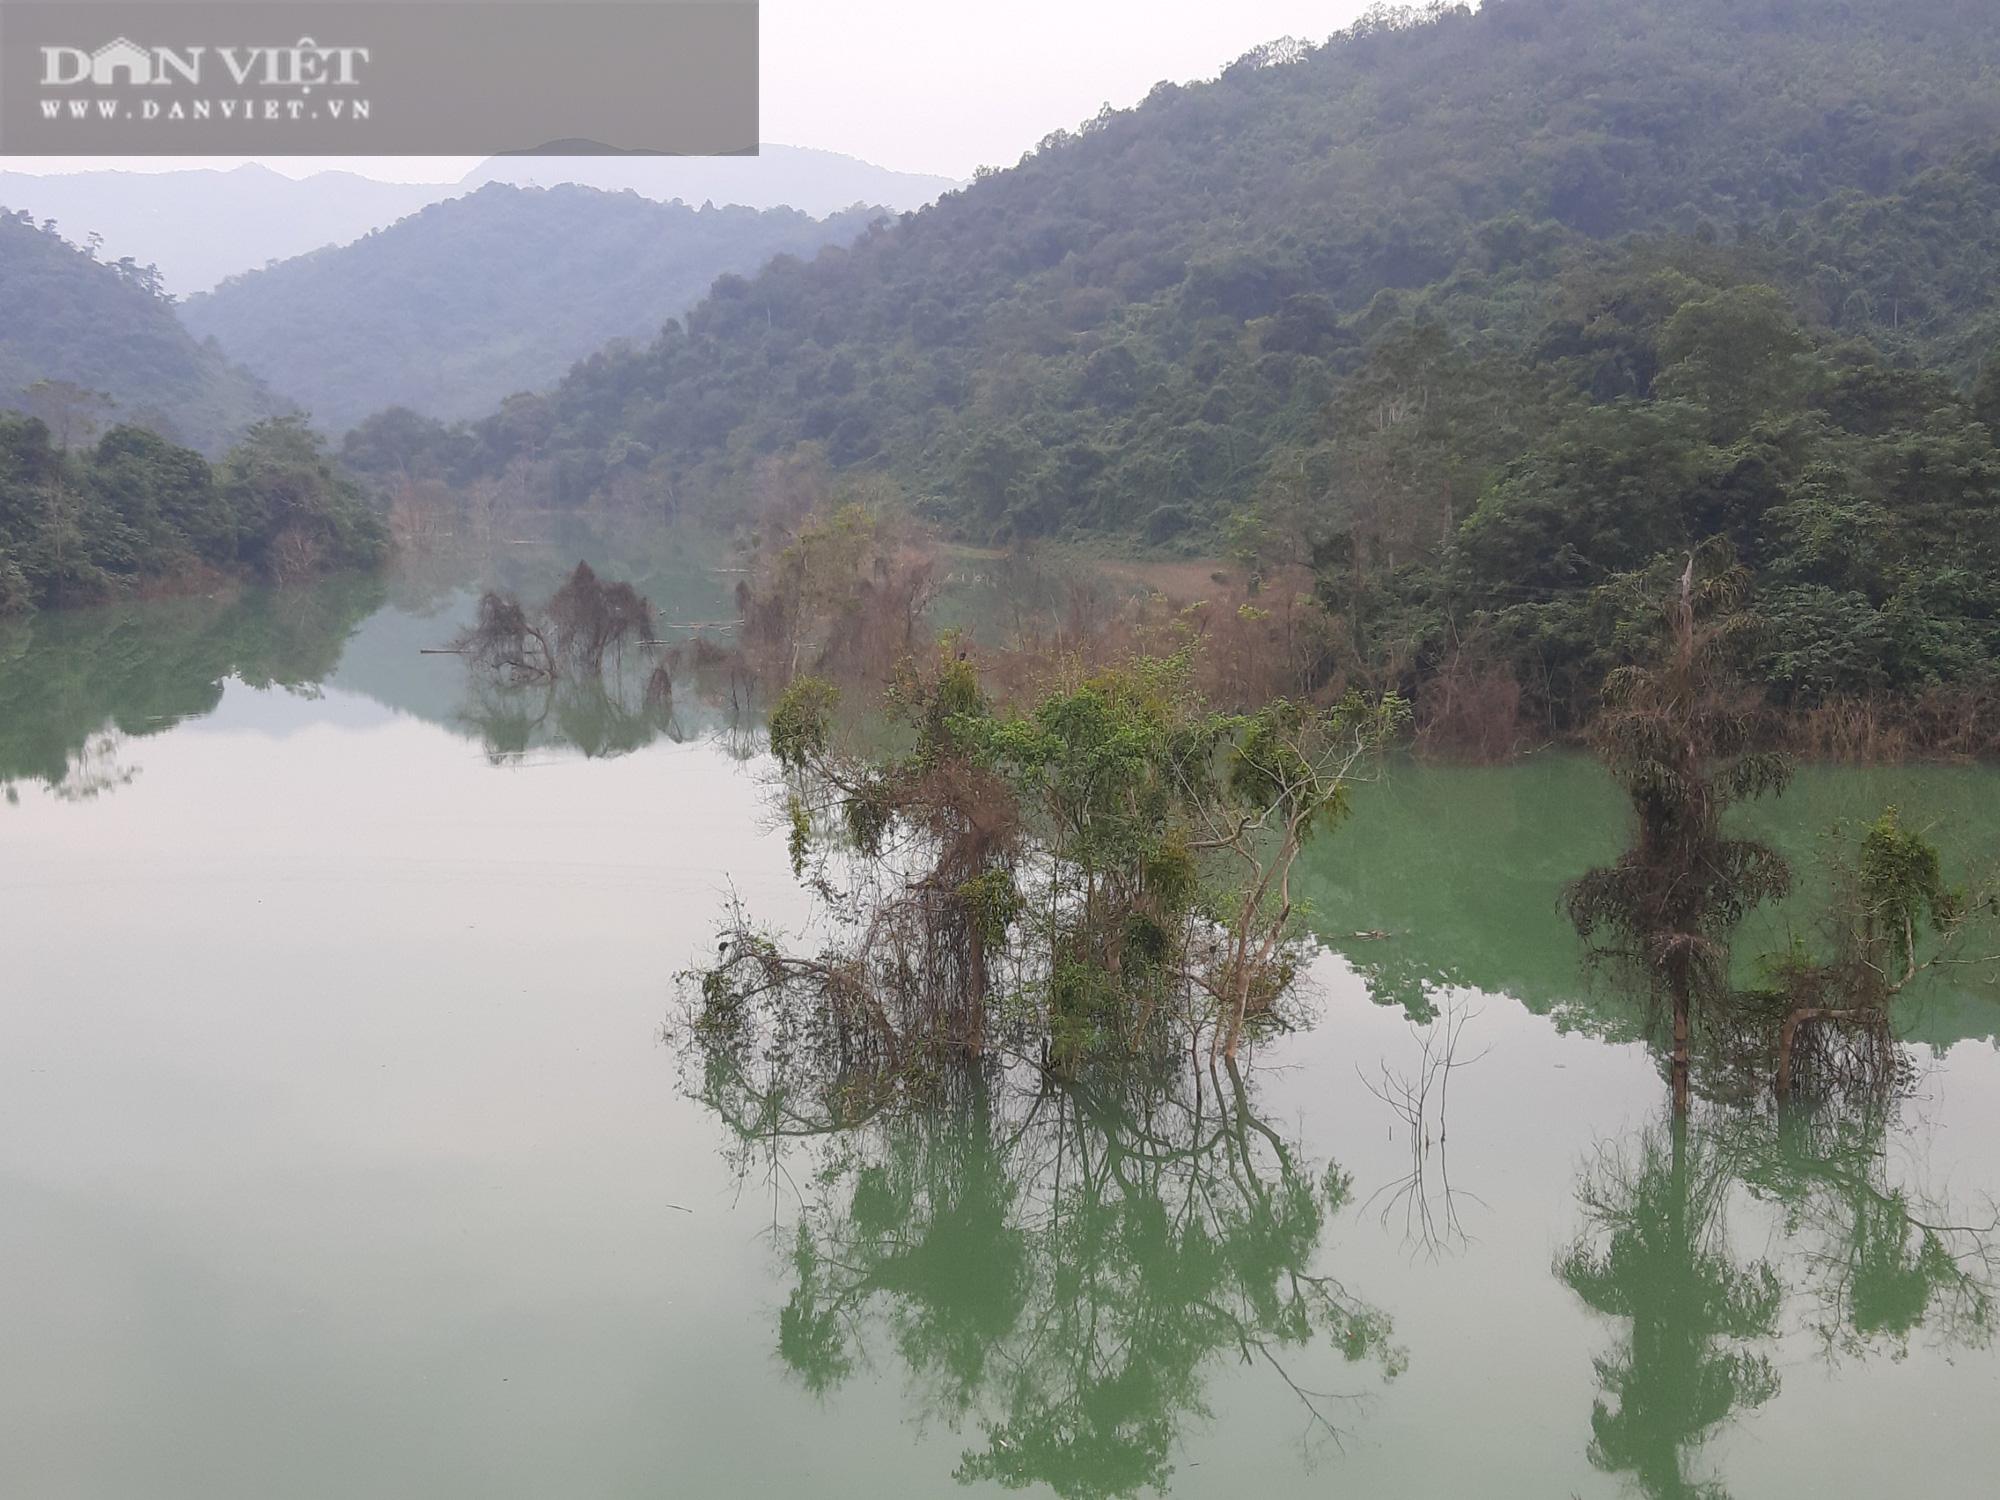 Thủy điện nhỏ tiềm ẩn hiểm họa lớn (Bài 3): Thủy điện gây sạt lở và ô nhiễm nguồn nước - Ảnh 10.